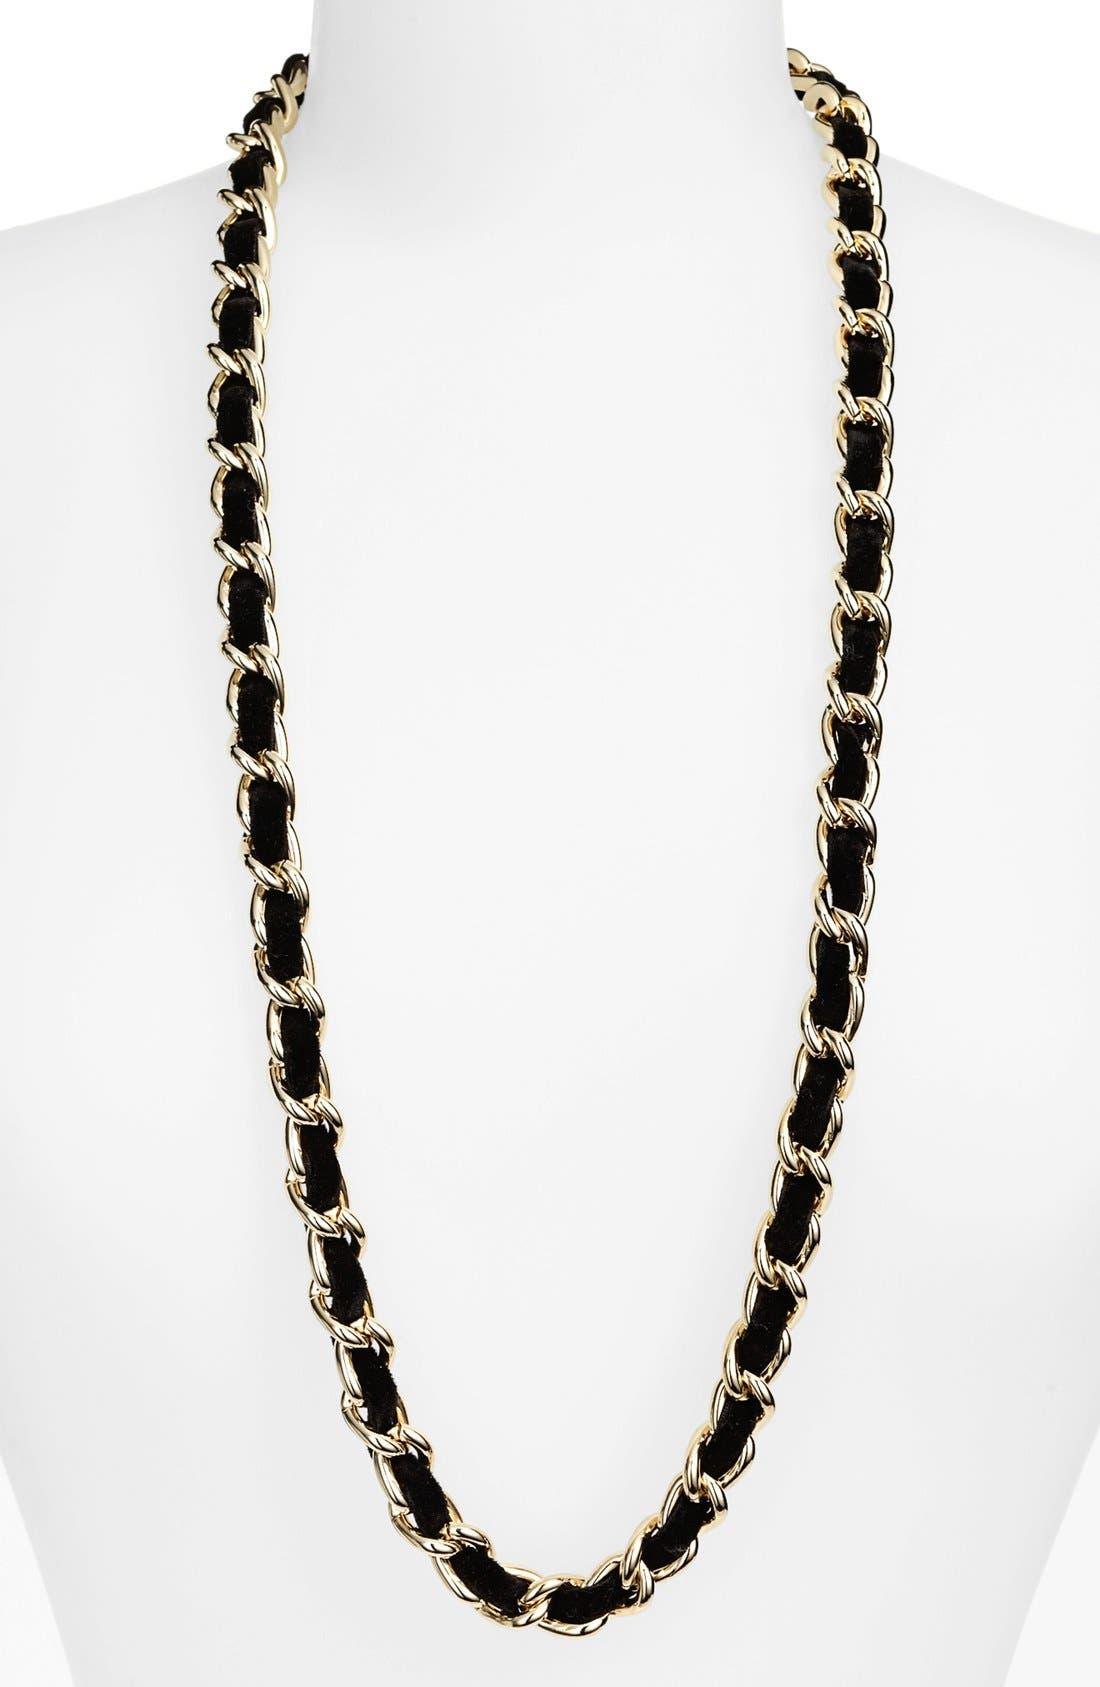 Main Image - Nordstrom Velvet Woven Chain Necklace